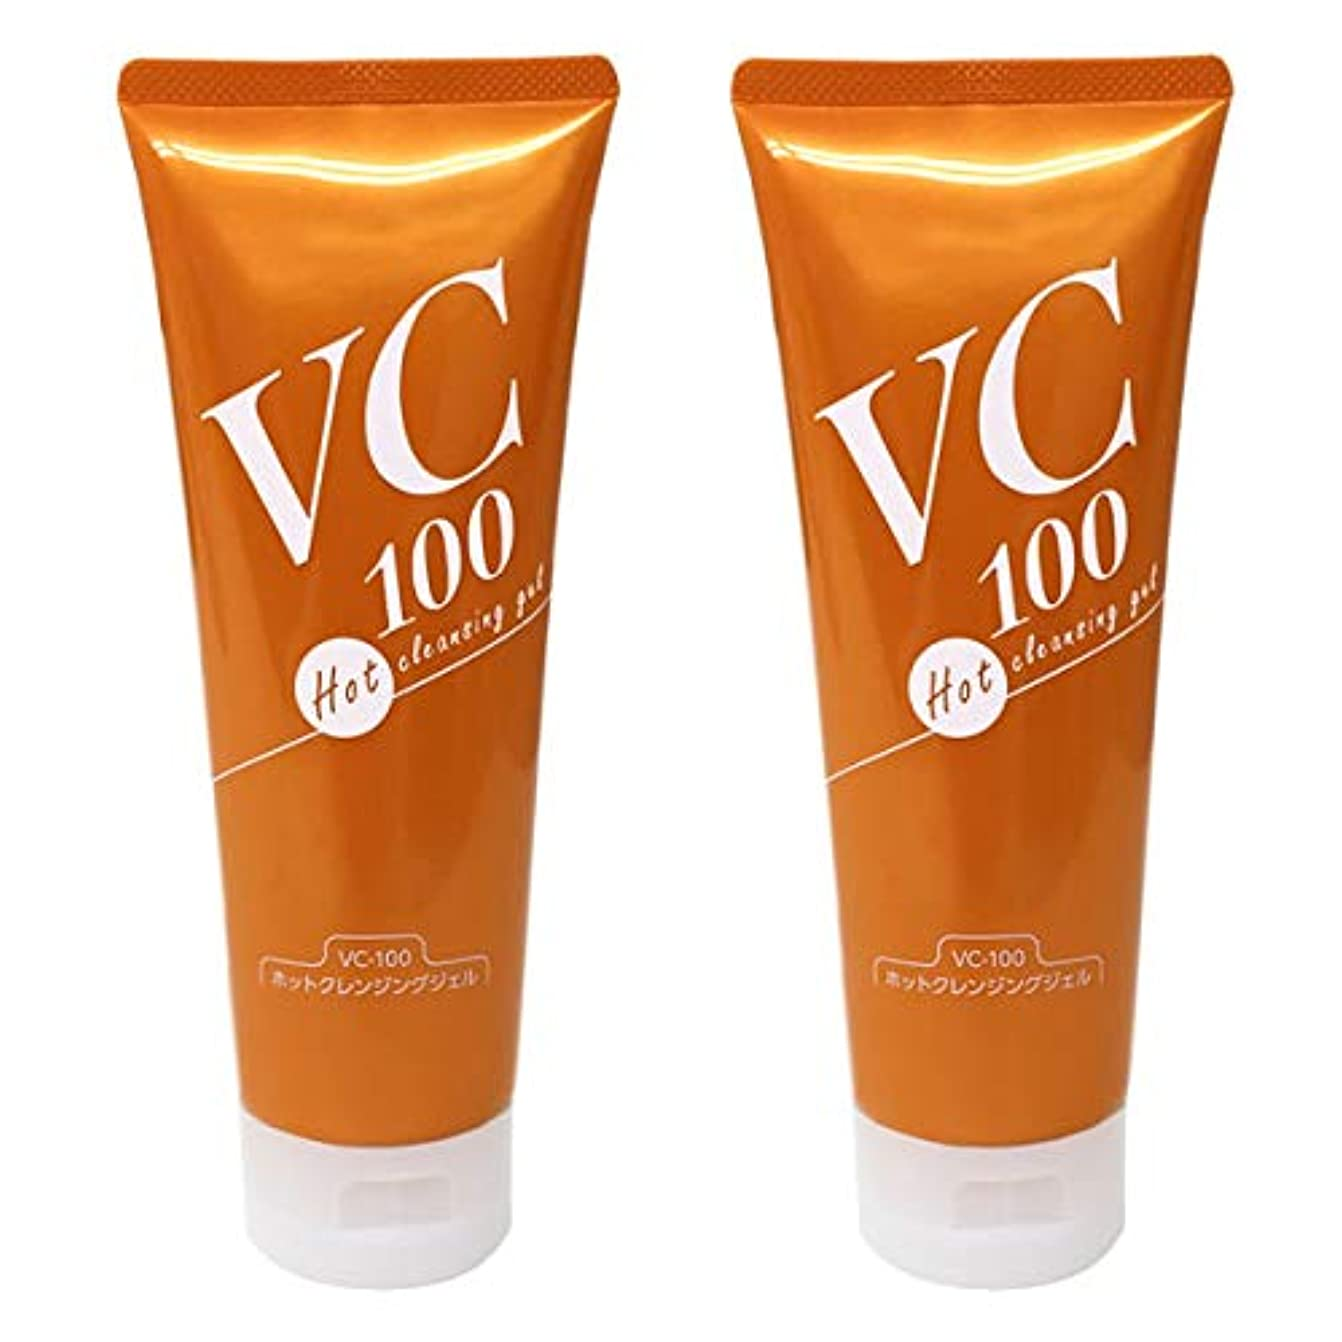 直接セーター株式VC-100ホットクレンジングジェル200g 高浸透型ビタミンC誘導体配合温感クレンジングジェル (2本セット)